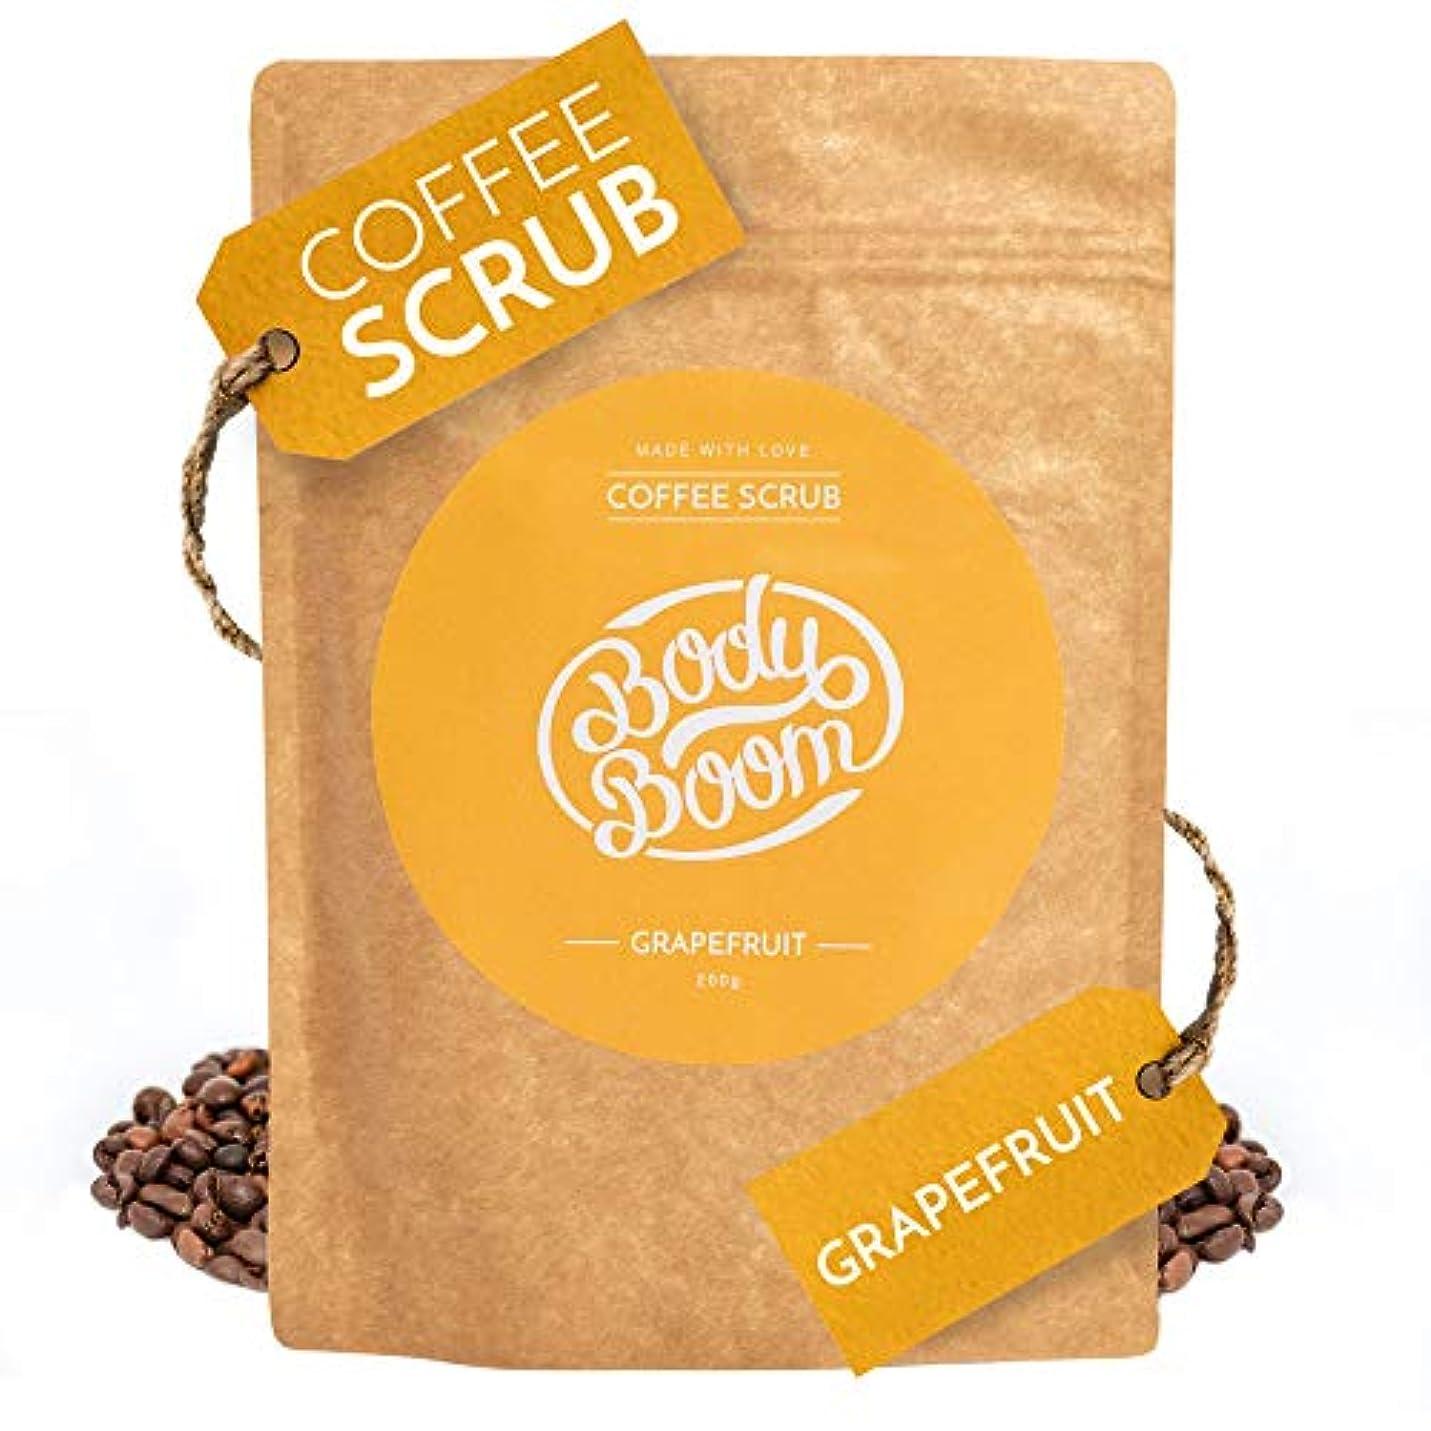 コーヒースクラブ Body Boom ボディブーム グレープフルーツ 200g